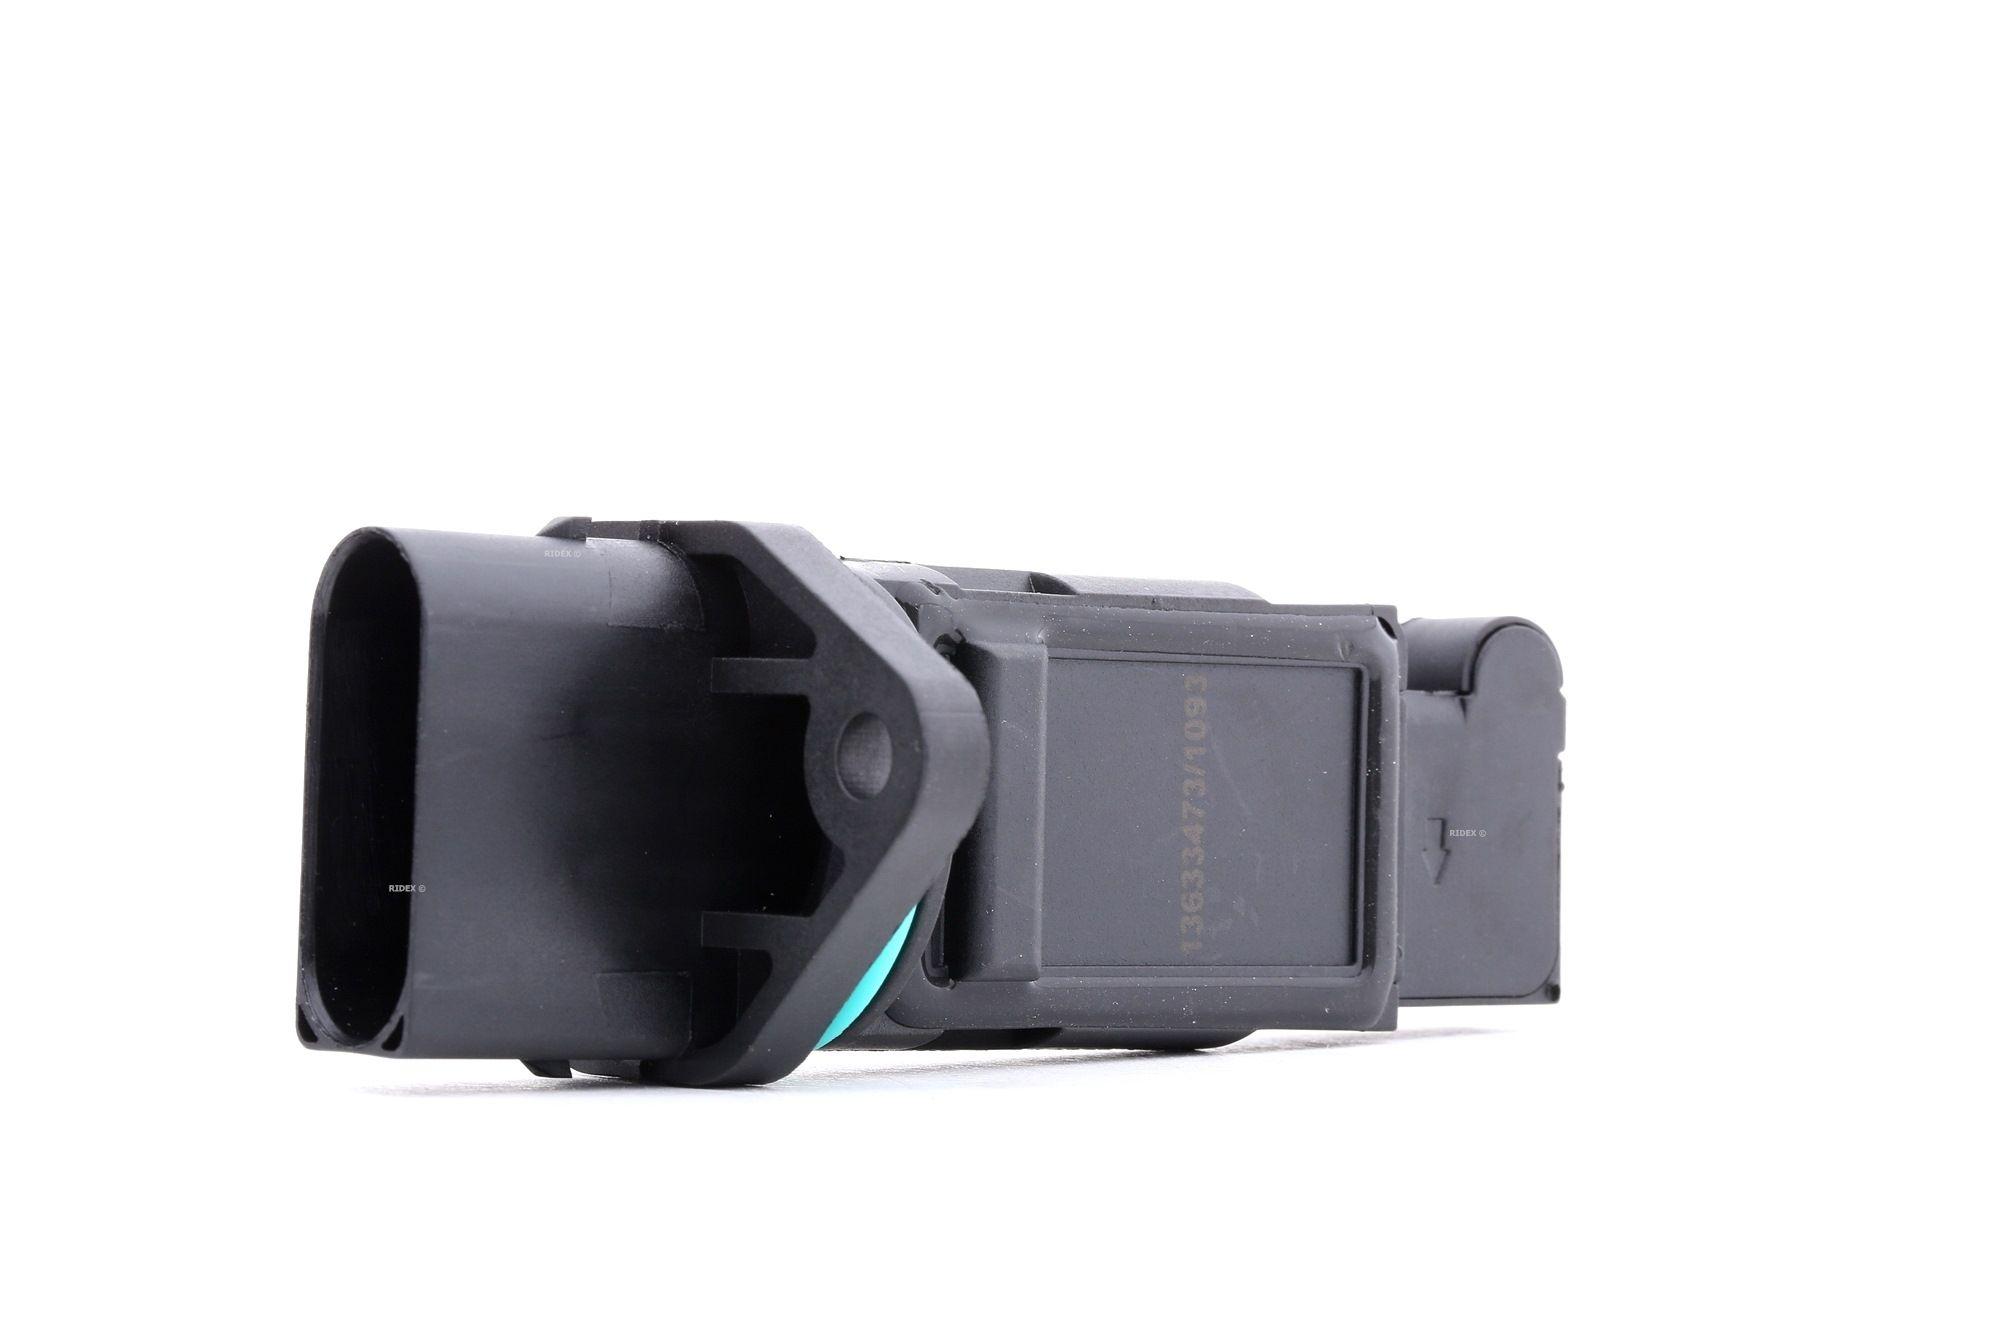 ridex Luchtmassameter MERCEDES-BENZ,BMW,LAND ROVER 3926A0256 13621433565,13621433567,13712247592 Luchtmassameter 1433565,1433567,0000941048,0000941848